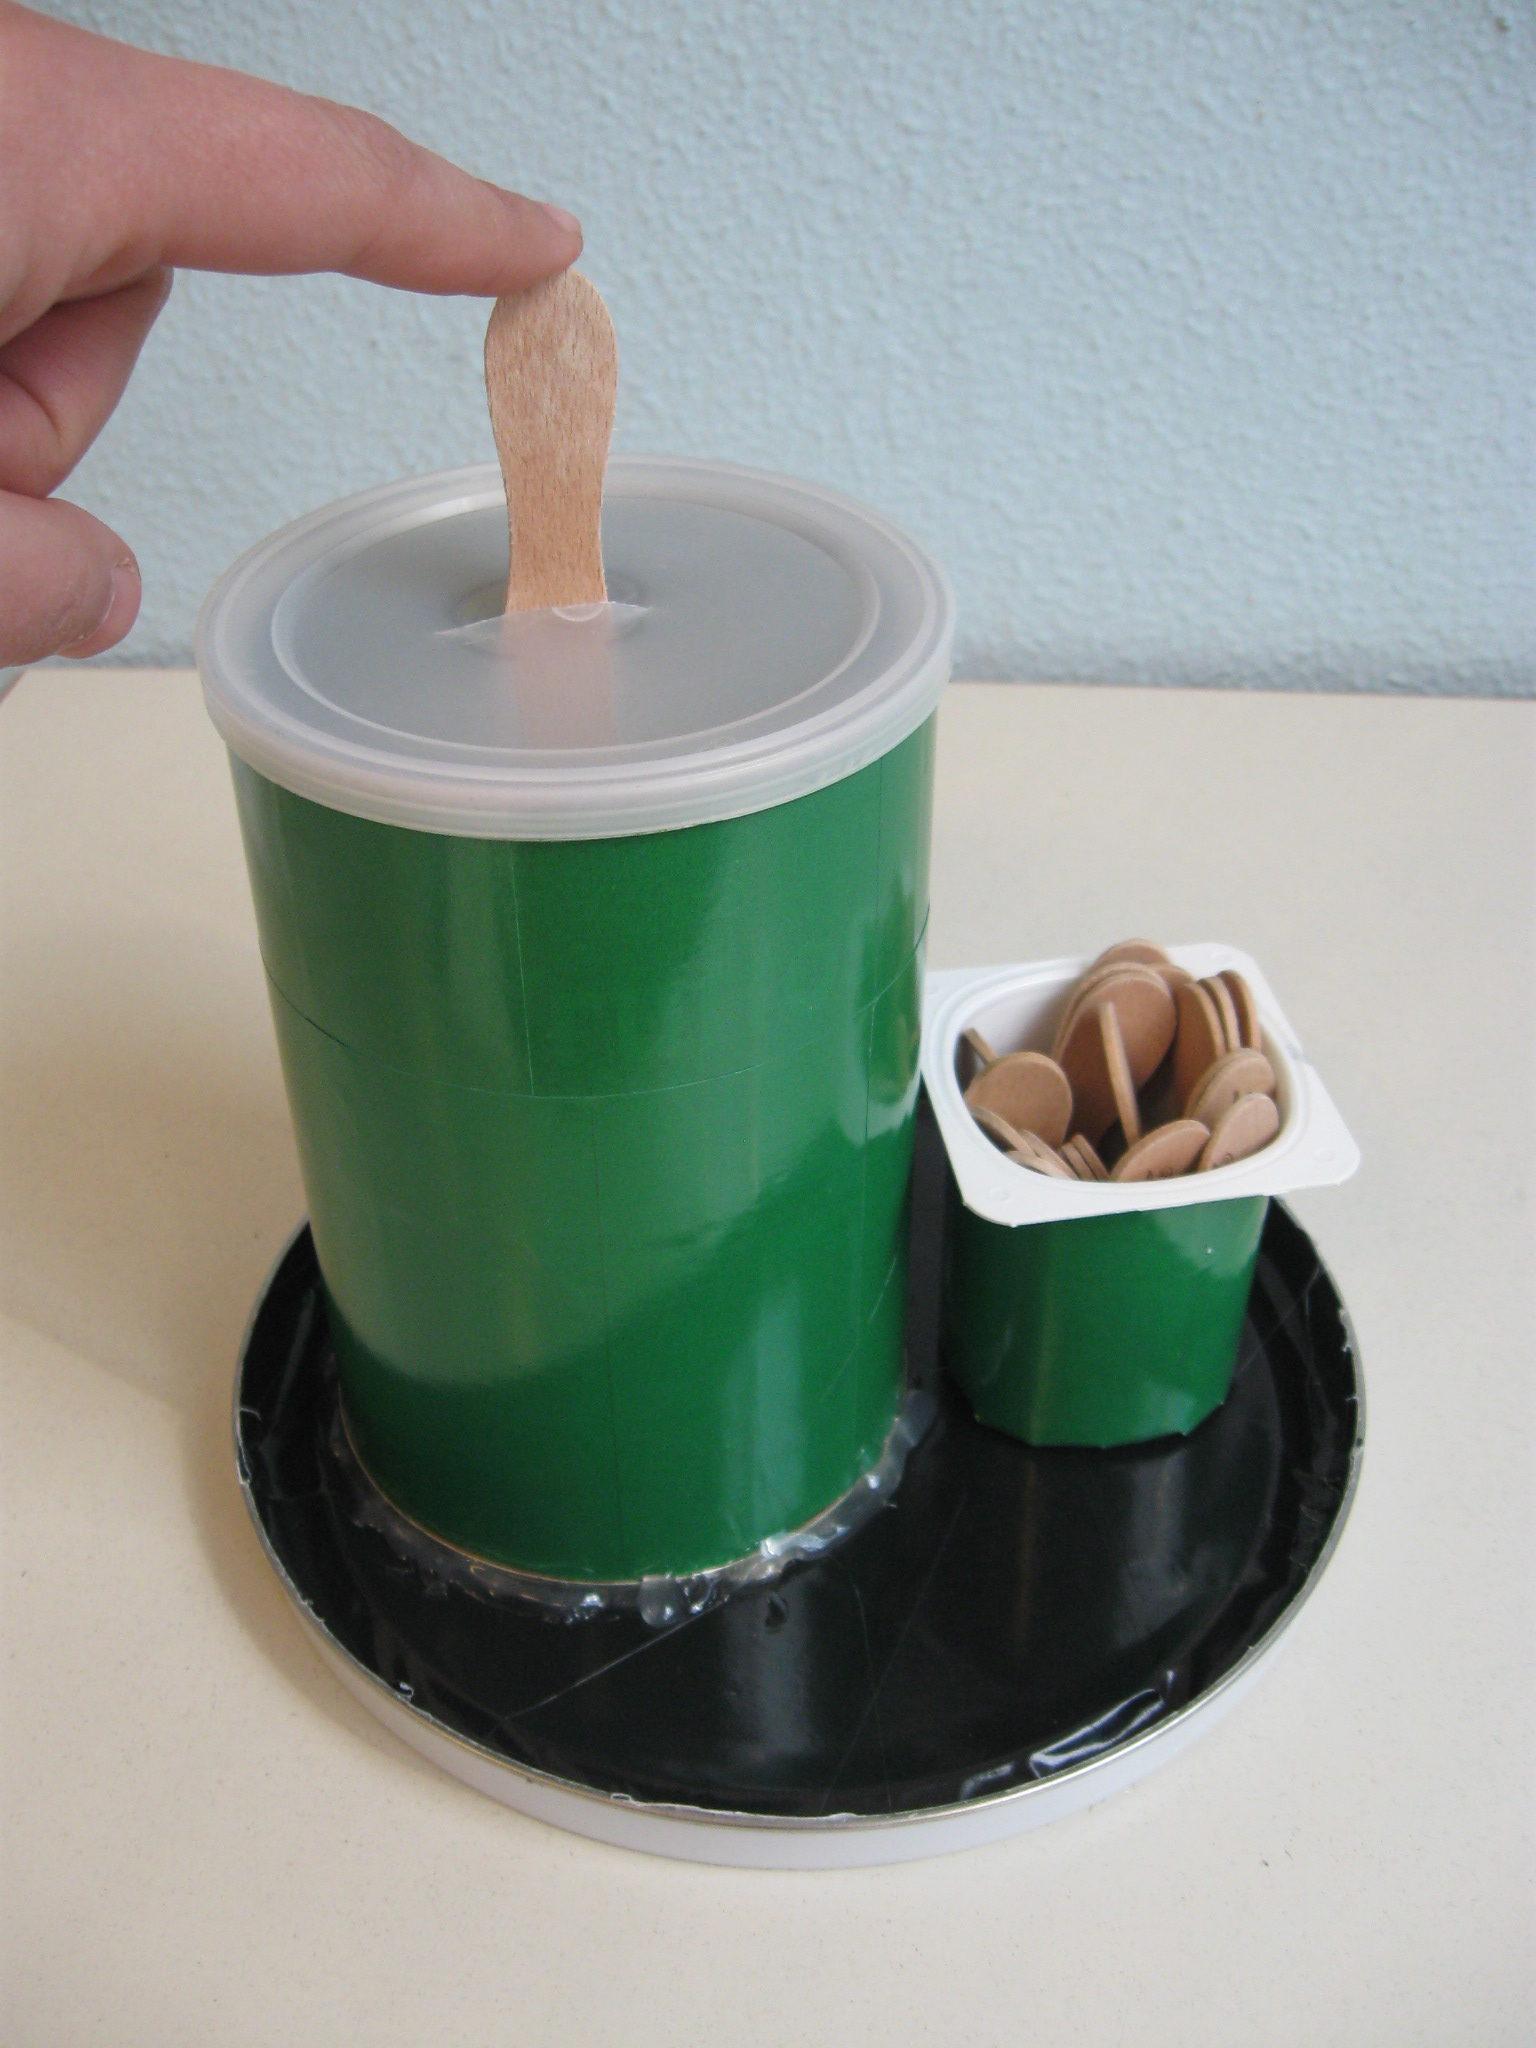 Una mano inserisce dei bastoncini da gelato nel foro del coperchio di un barattolo.